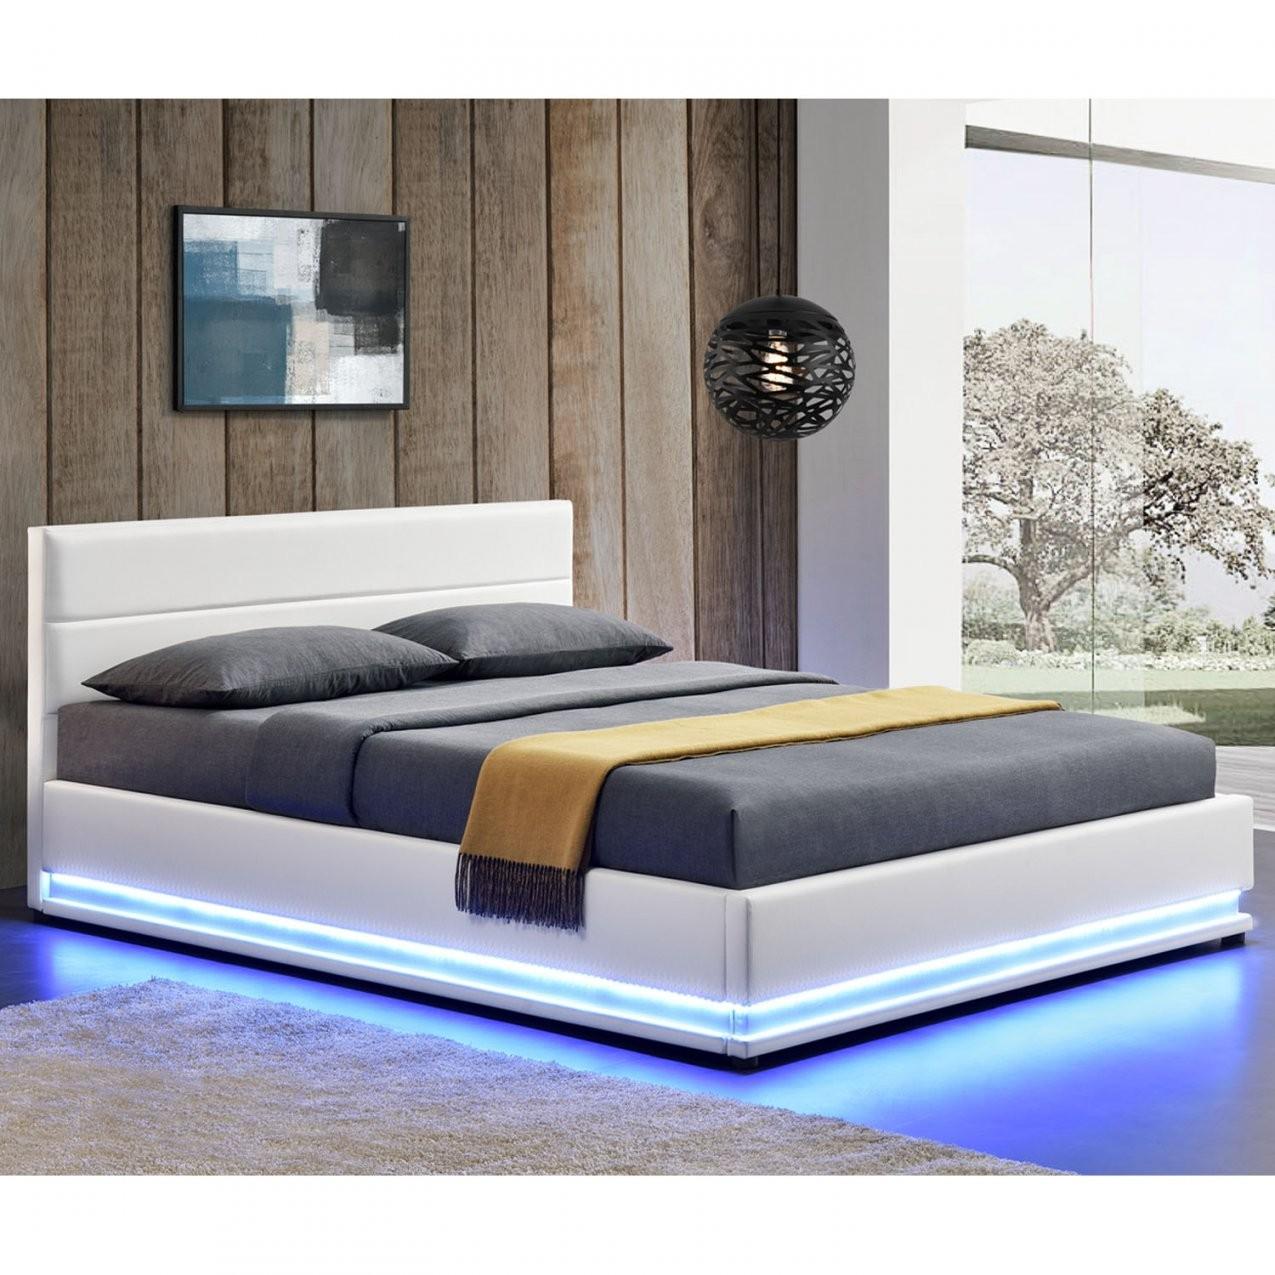 Polsterbett Toulouse 140 X 200 Cm Mit Rundum Led Und Bettkasten  Weiß von Bett Mit Led 140X200 Photo